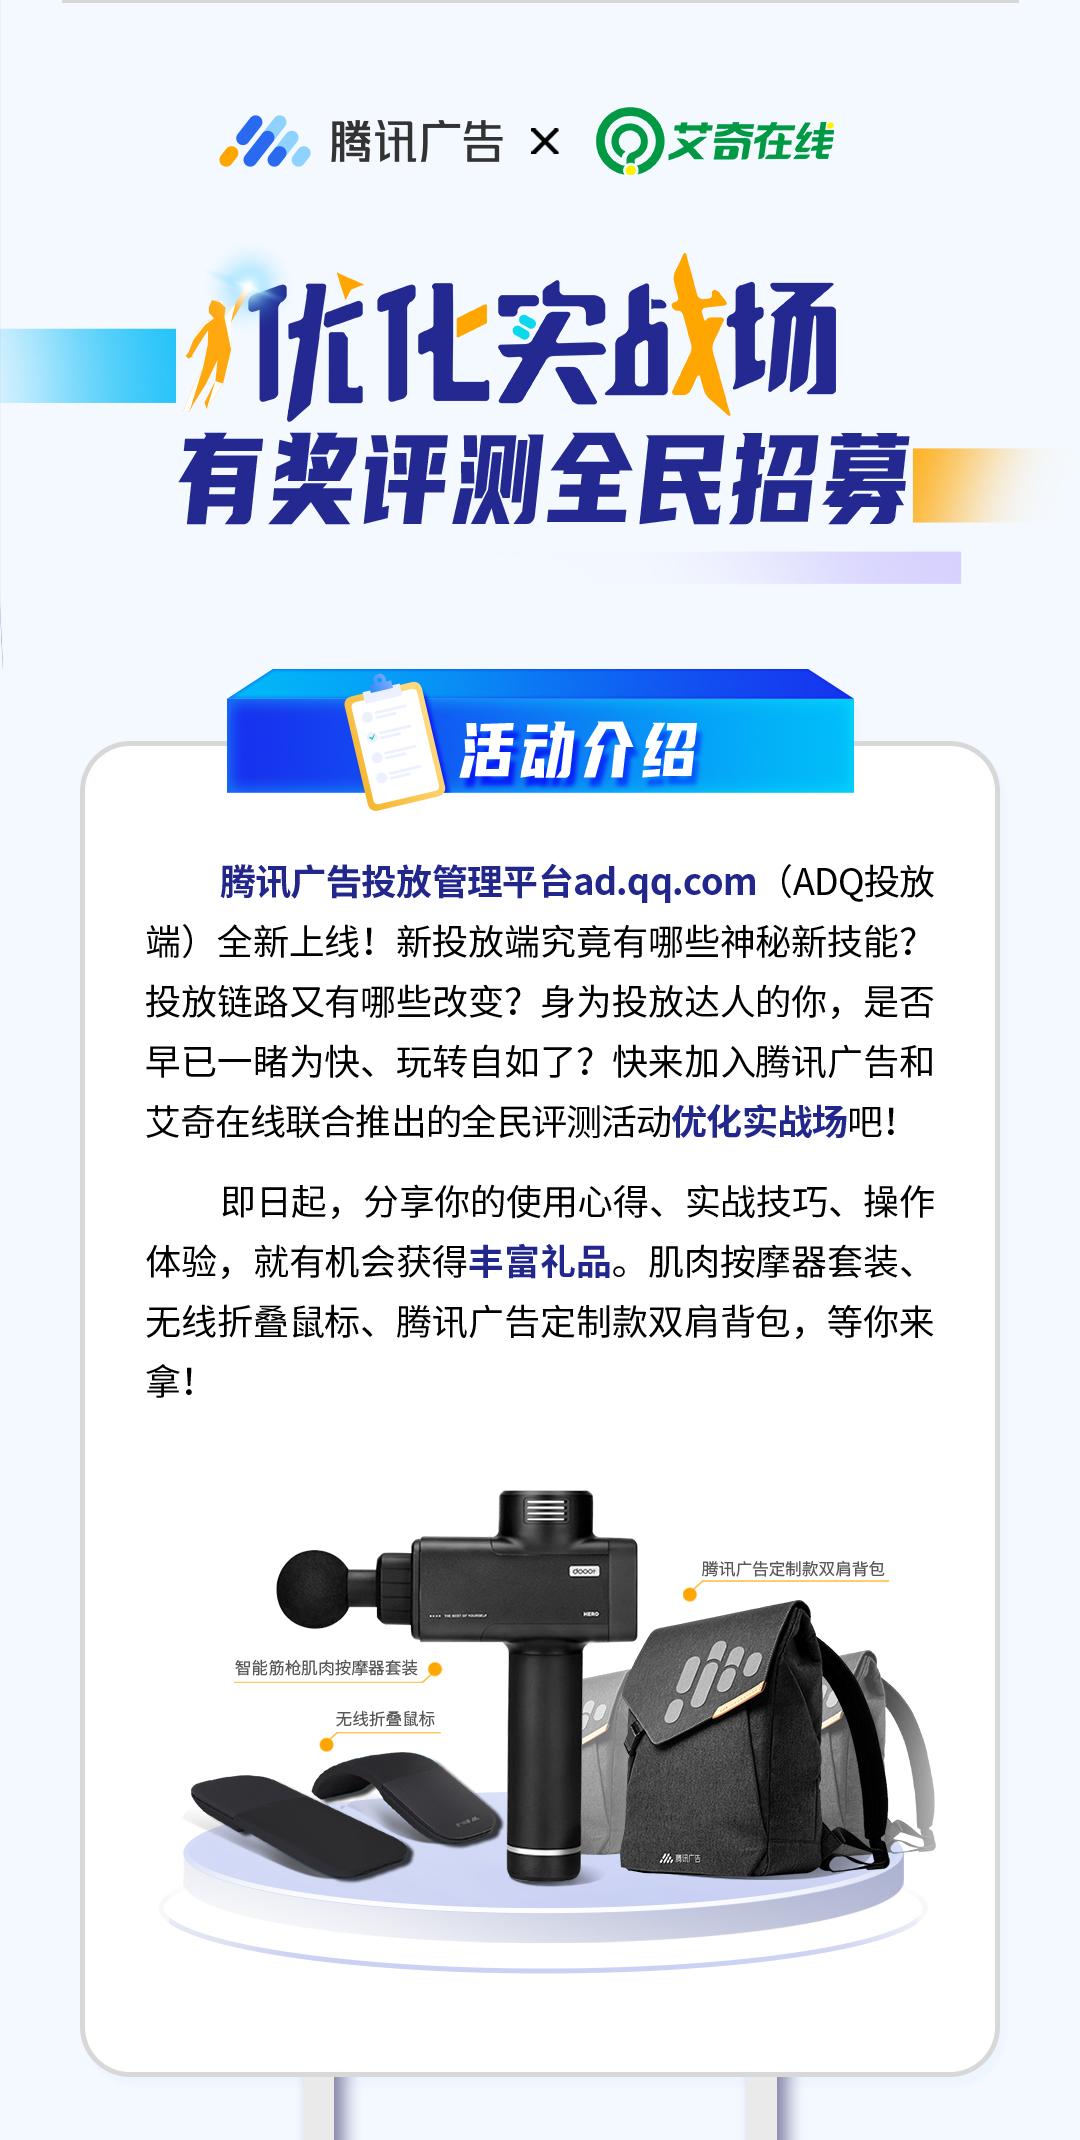 评测页面_05.jpg